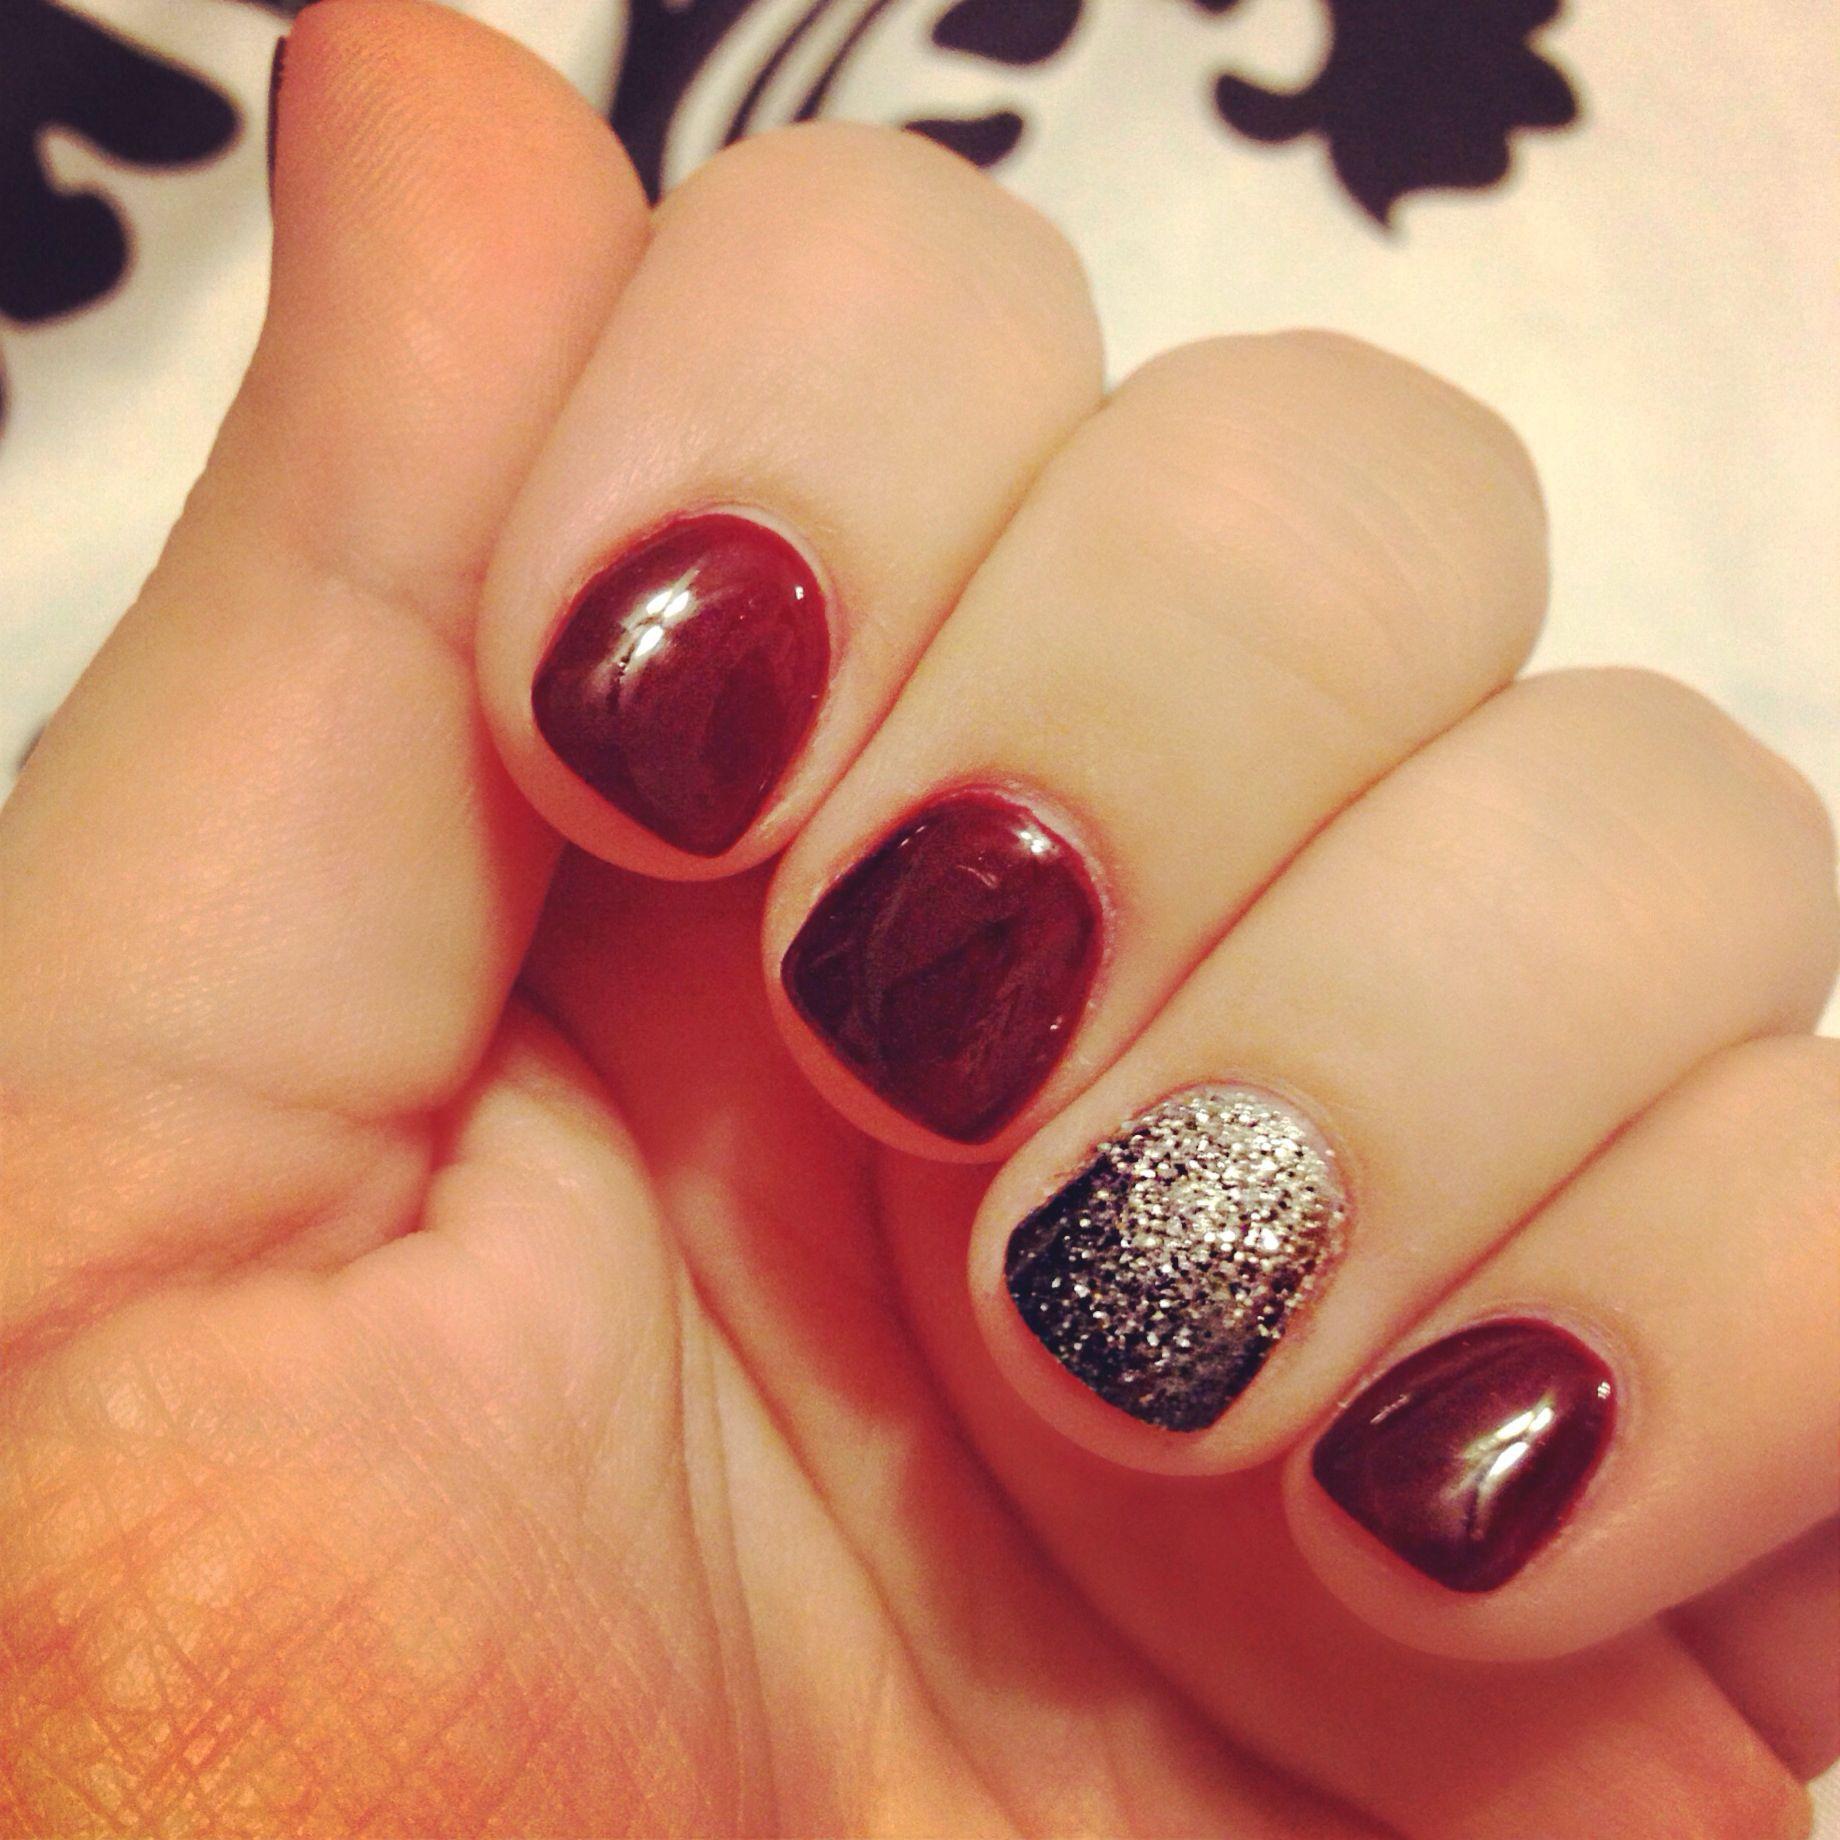 redwine #darkred #gelmanicure #ombreglitter | Nail art | Pinterest ...